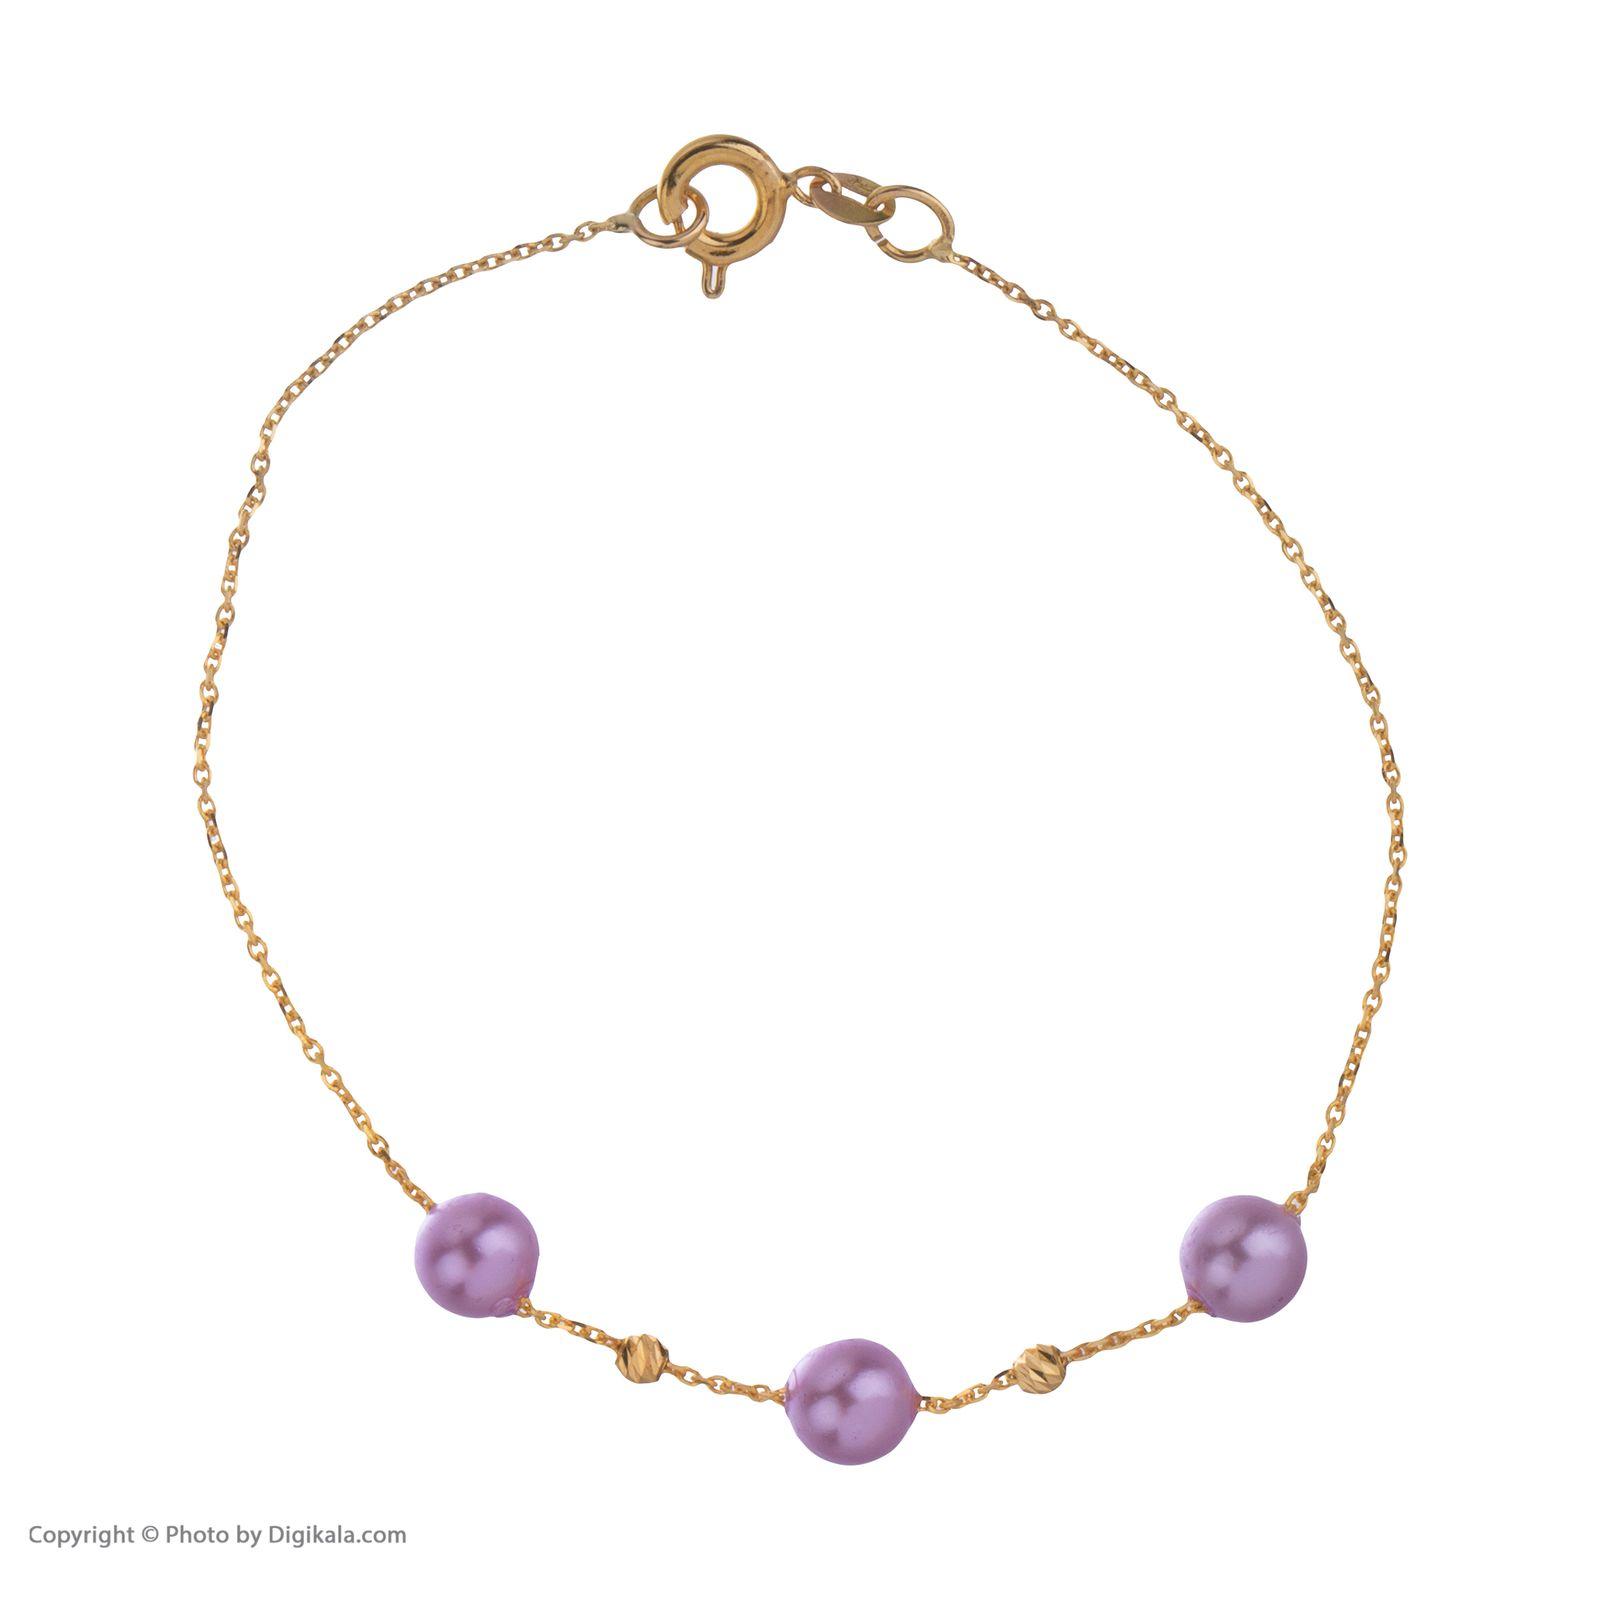 دستبند طلا 18 عیار زنانه مایا ماهک مدل ZMB1052 -  - 3